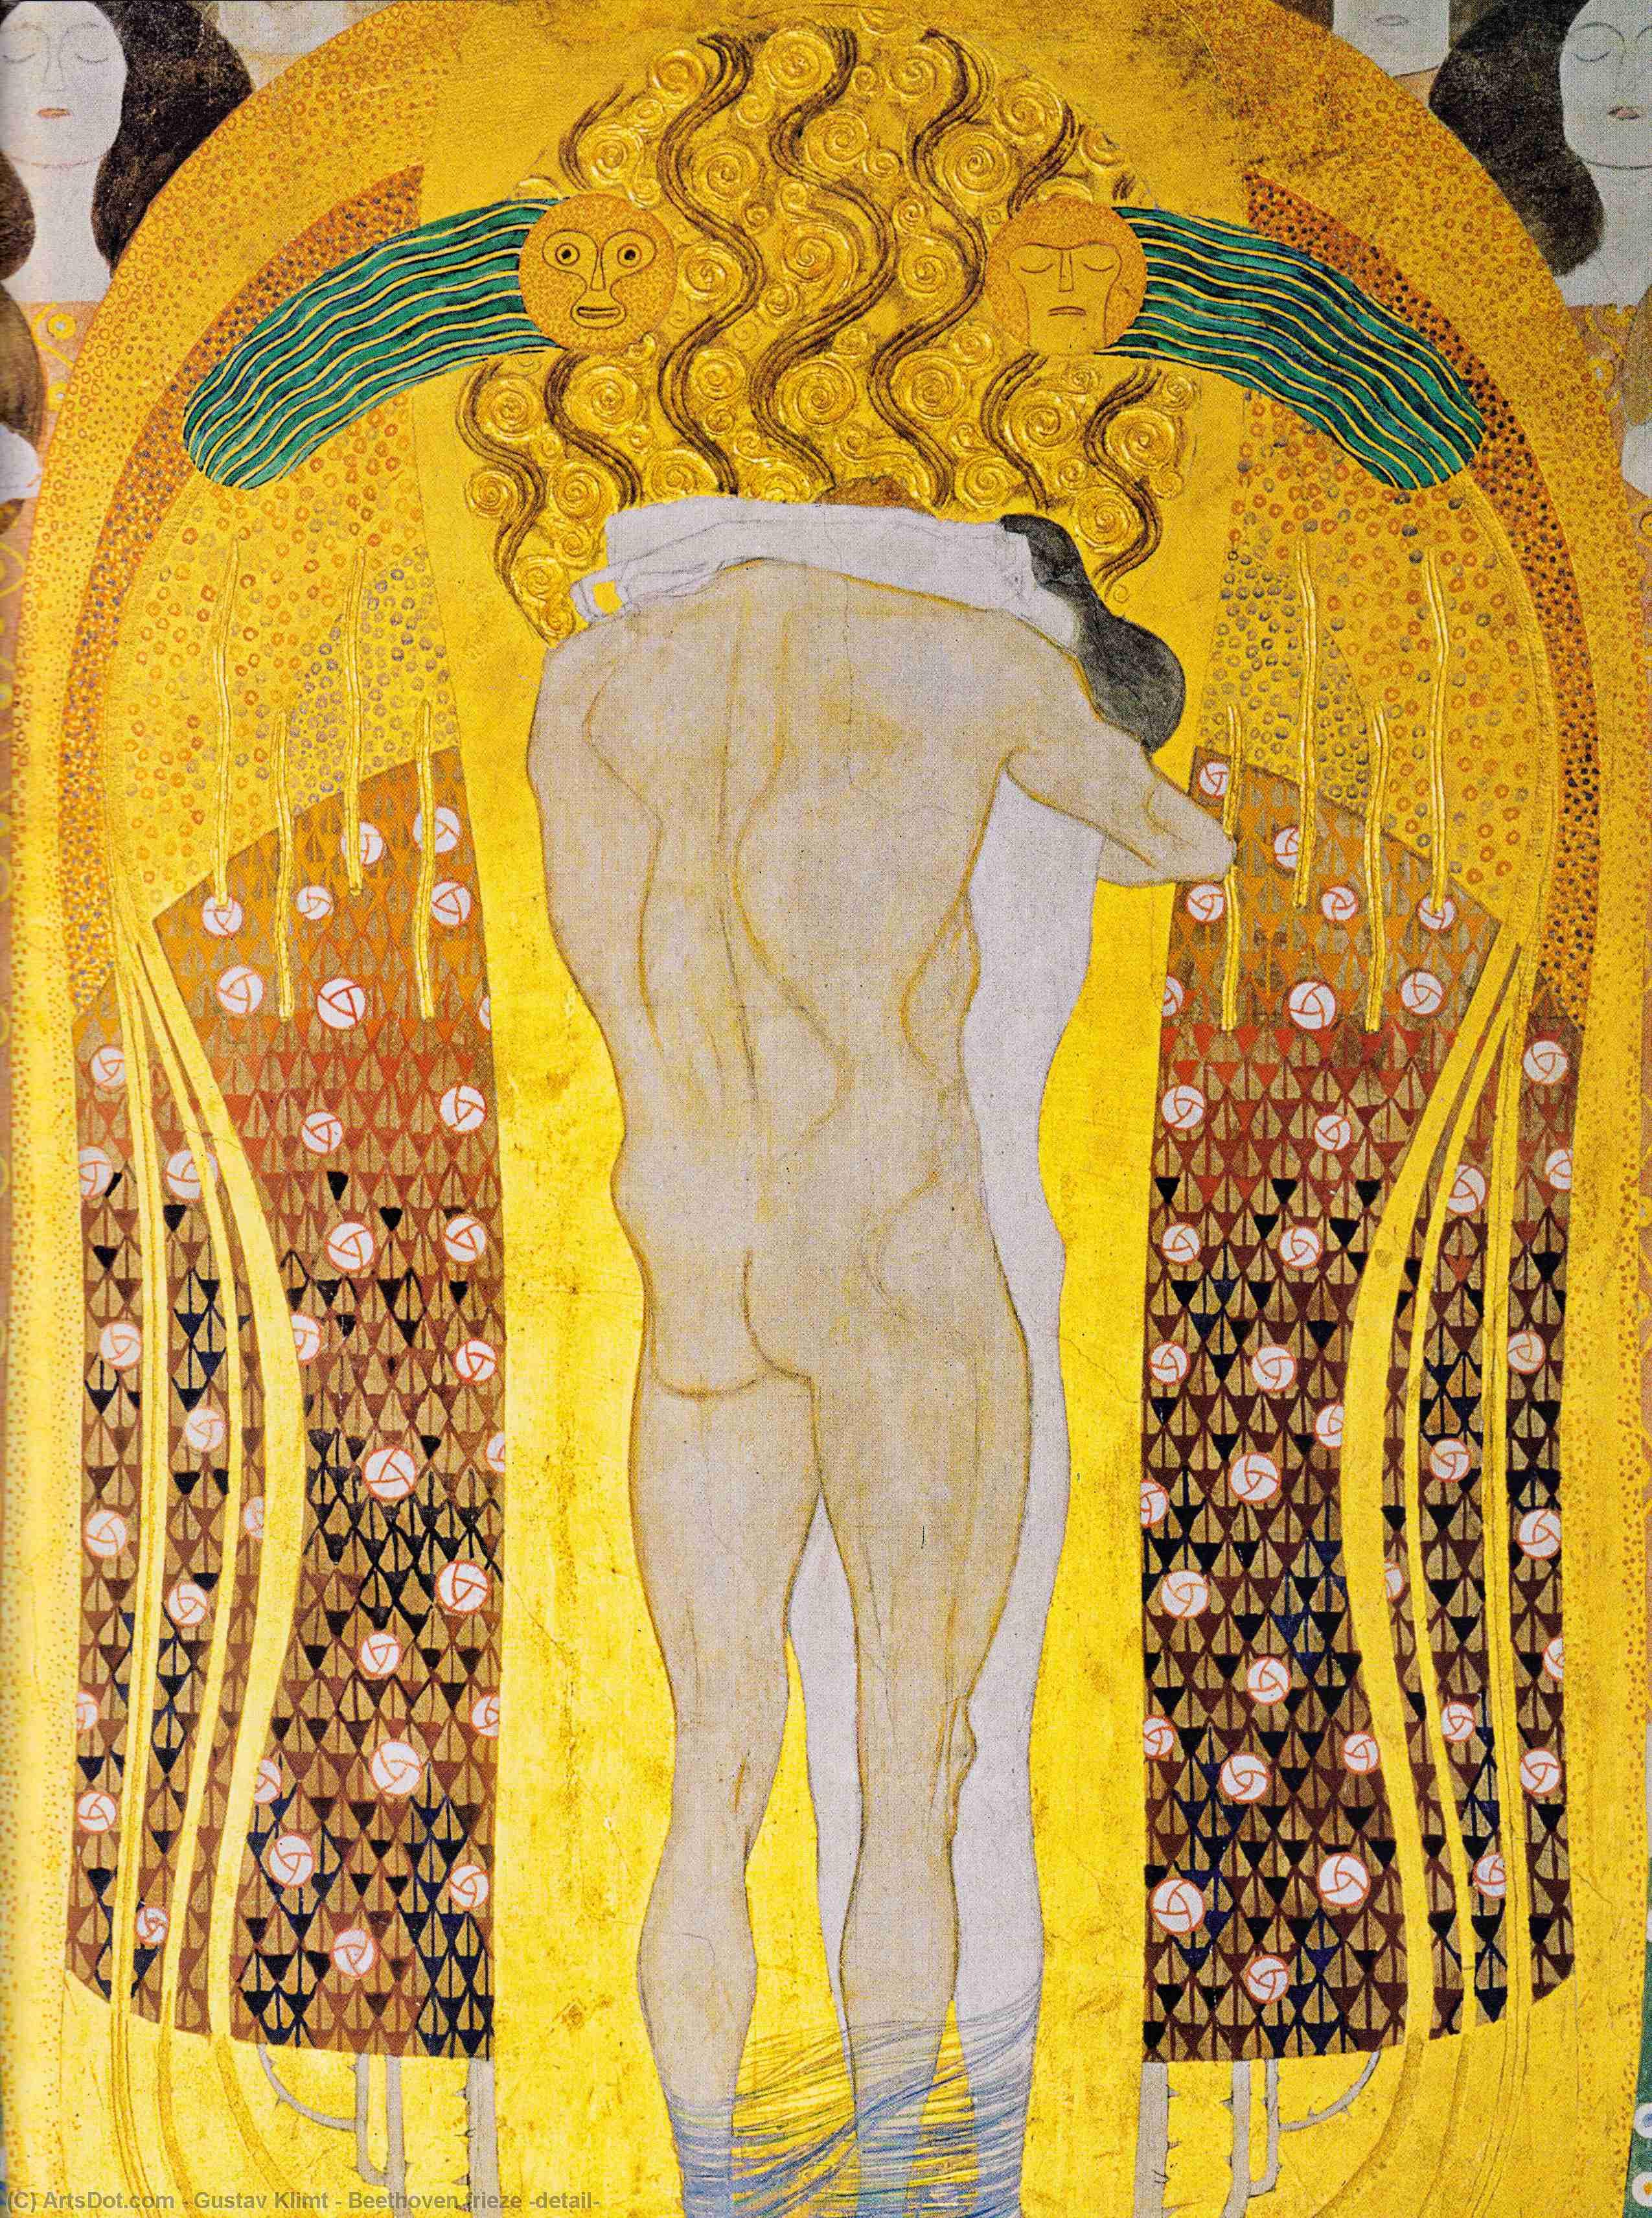 Wikoo.org - موسوعة الفنون الجميلة - اللوحة، العمل الفني Gustav Klimt - Beethoven frieze (detail)